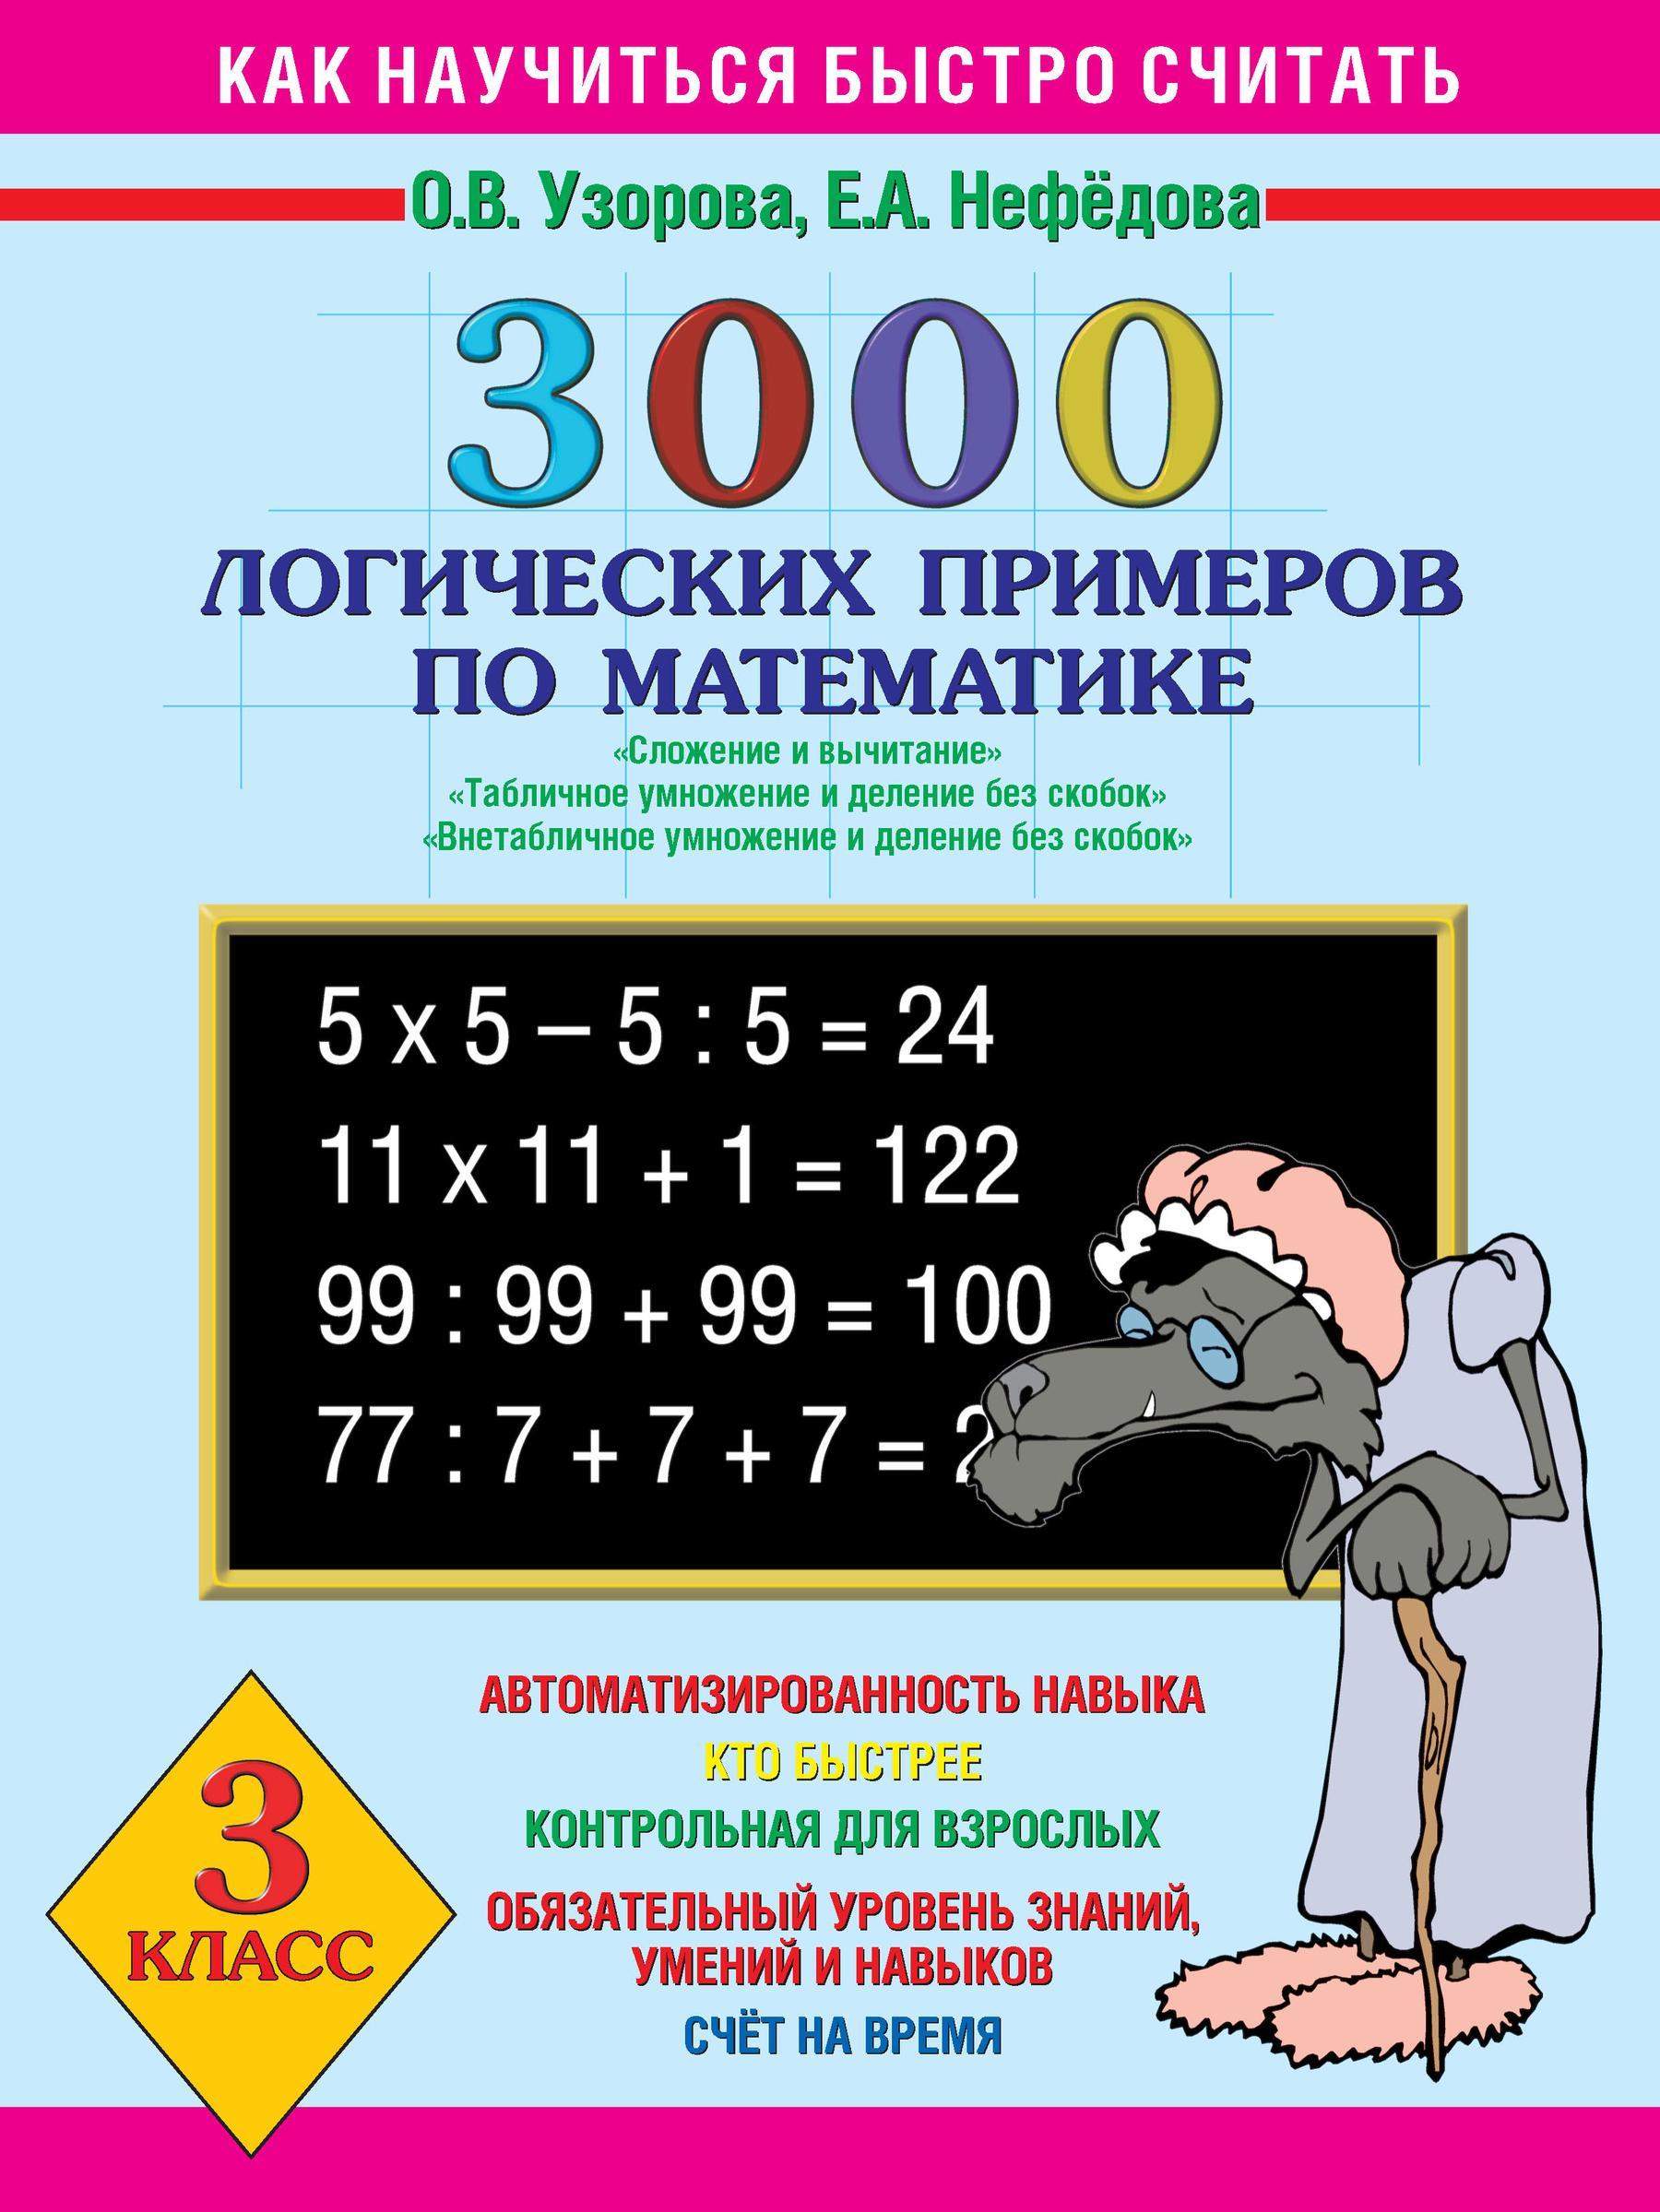 3000 ЛОГИЧЕСКИХ ПРИМЕРОВ ПО МАТЕМАТИКЕ 1-2 КЛАСС СКАЧАТЬ БЕСПЛАТНО